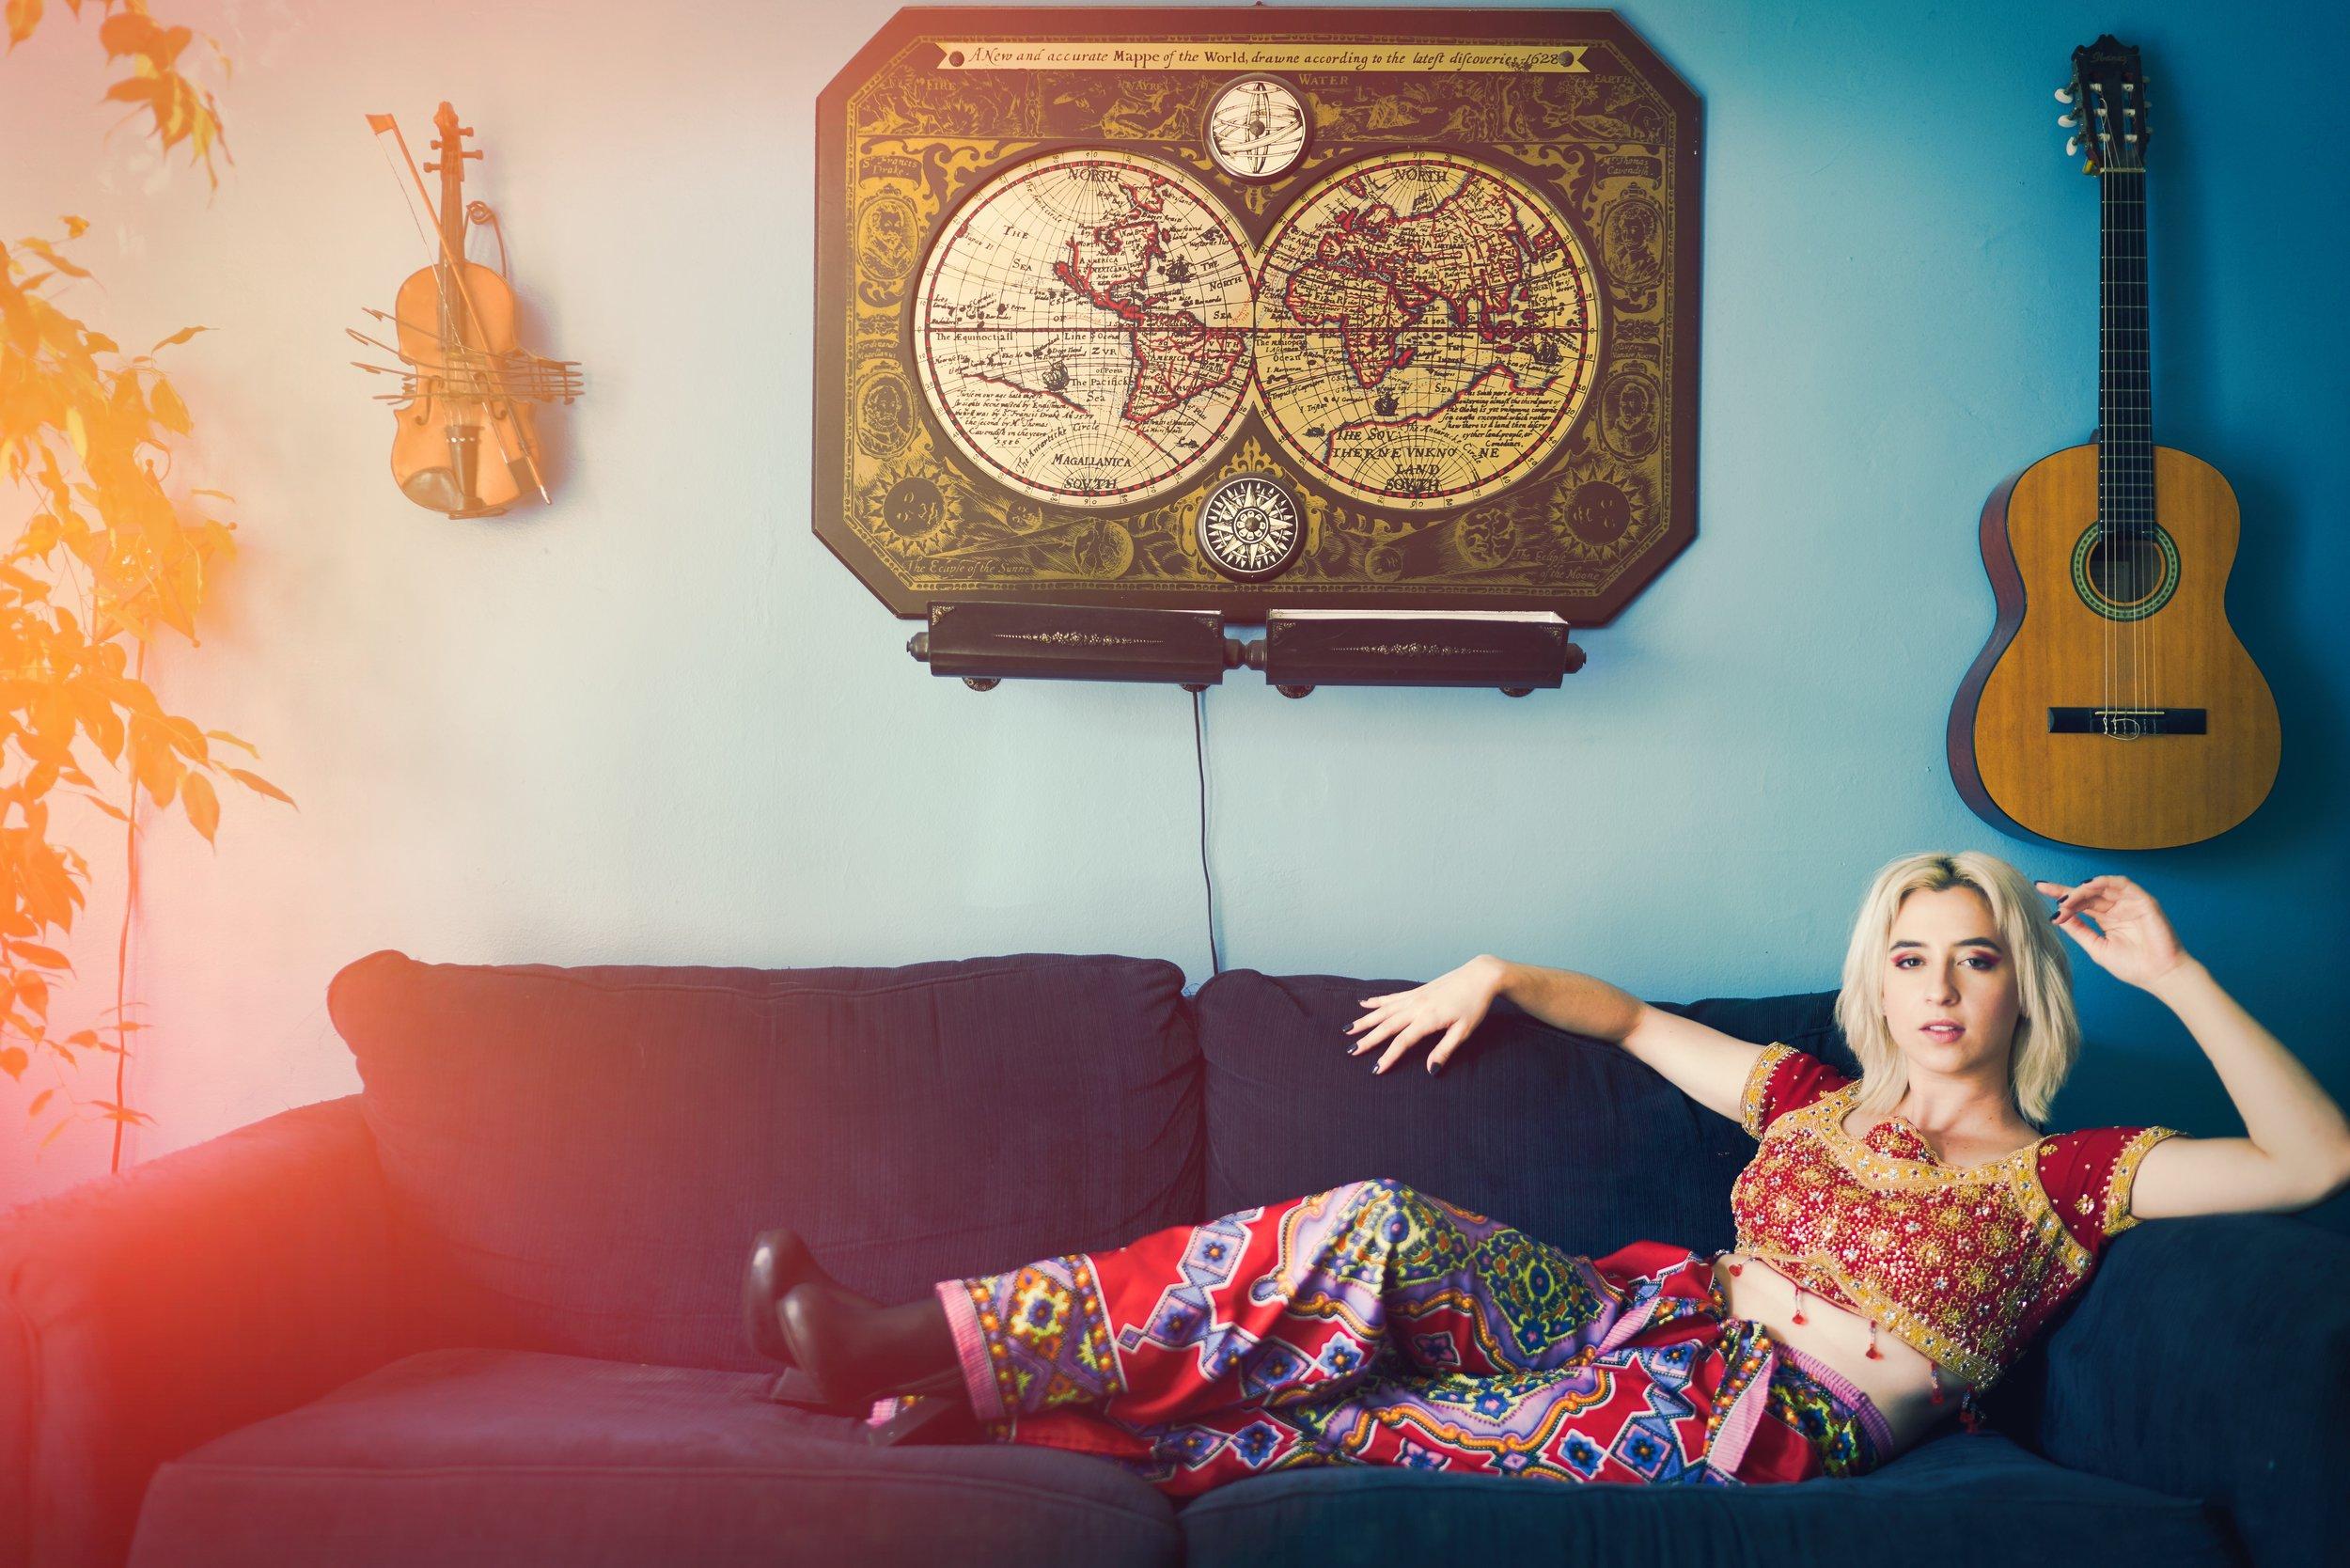 Alena Connolly - The Artistic Prodigy